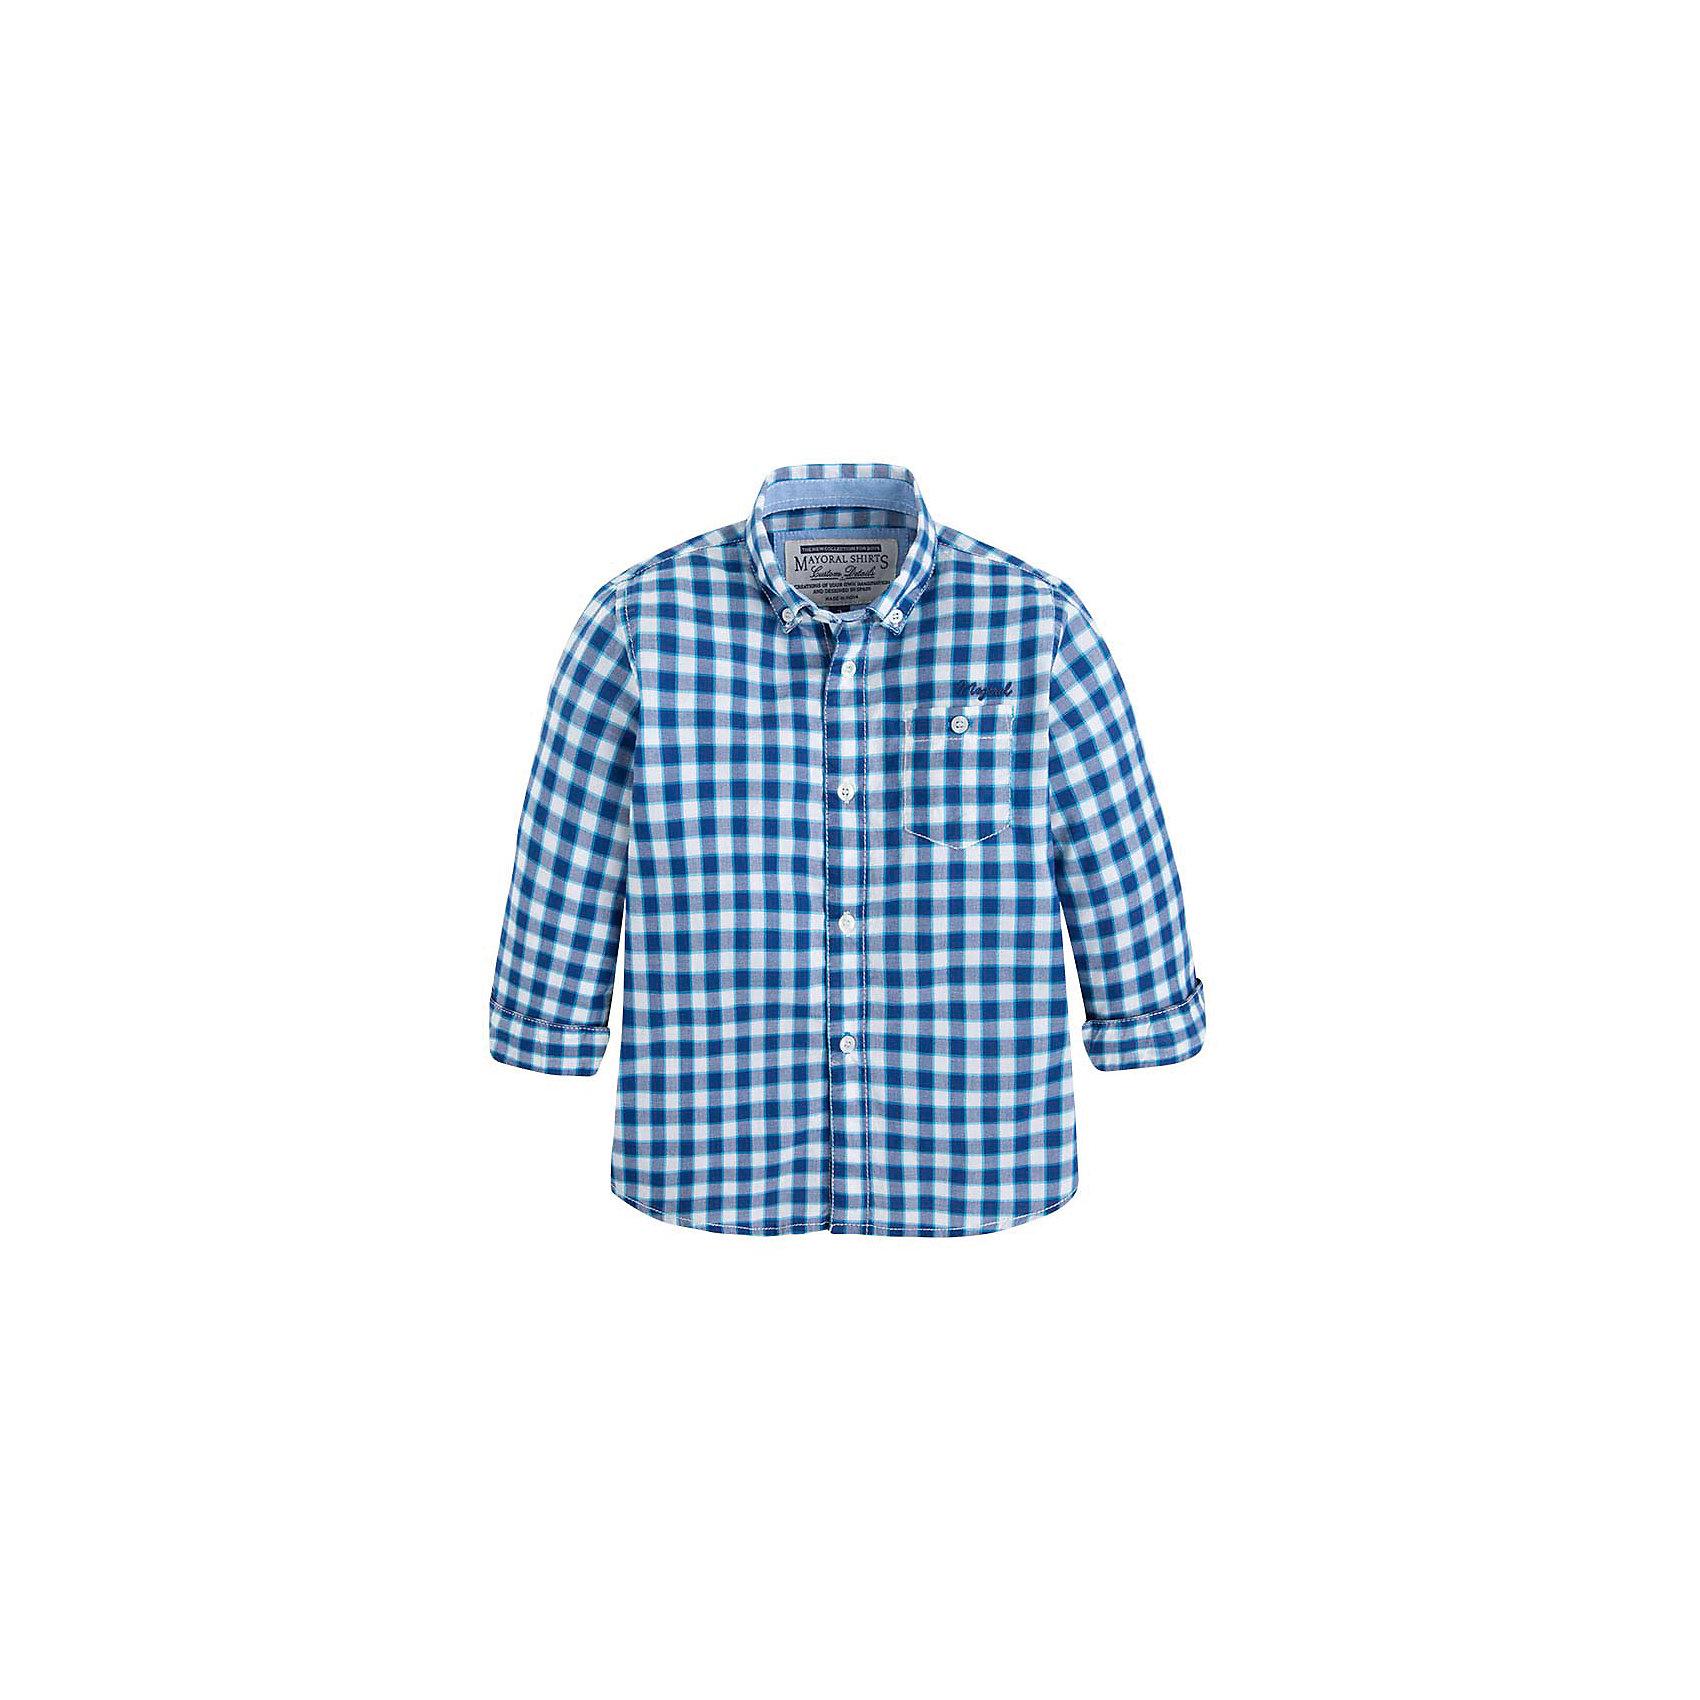 Рубашка для мальчика MayoralРубашка для мальчика от известной испанской марки Mayoral <br><br>Модная рубашка от Mayoral актуальна и на каждый день и на праздник! Она прекрасно сочетается с джинсами и брюками.  Модель выполнена из качественных материалов, отлично сидит по фигуре.<br><br>Особенности модели:<br><br>- цвет: голубой, клетка<br>- рукава 1/2;<br>- отвороты;<br>- натуральный материал.<br><br>Дополнительная информация:<br><br>Состав: 100% хлопок<br><br>Рубашку для мальчика Mayoral (Майорал) можно купить в нашем магазине.<br><br>Ширина мм: 174<br>Глубина мм: 10<br>Высота мм: 169<br>Вес г: 157<br>Цвет: голубой<br>Возраст от месяцев: 84<br>Возраст до месяцев: 96<br>Пол: Мужской<br>Возраст: Детский<br>Размер: 128,104,98,110,134,122,116<br>SKU: 4541821